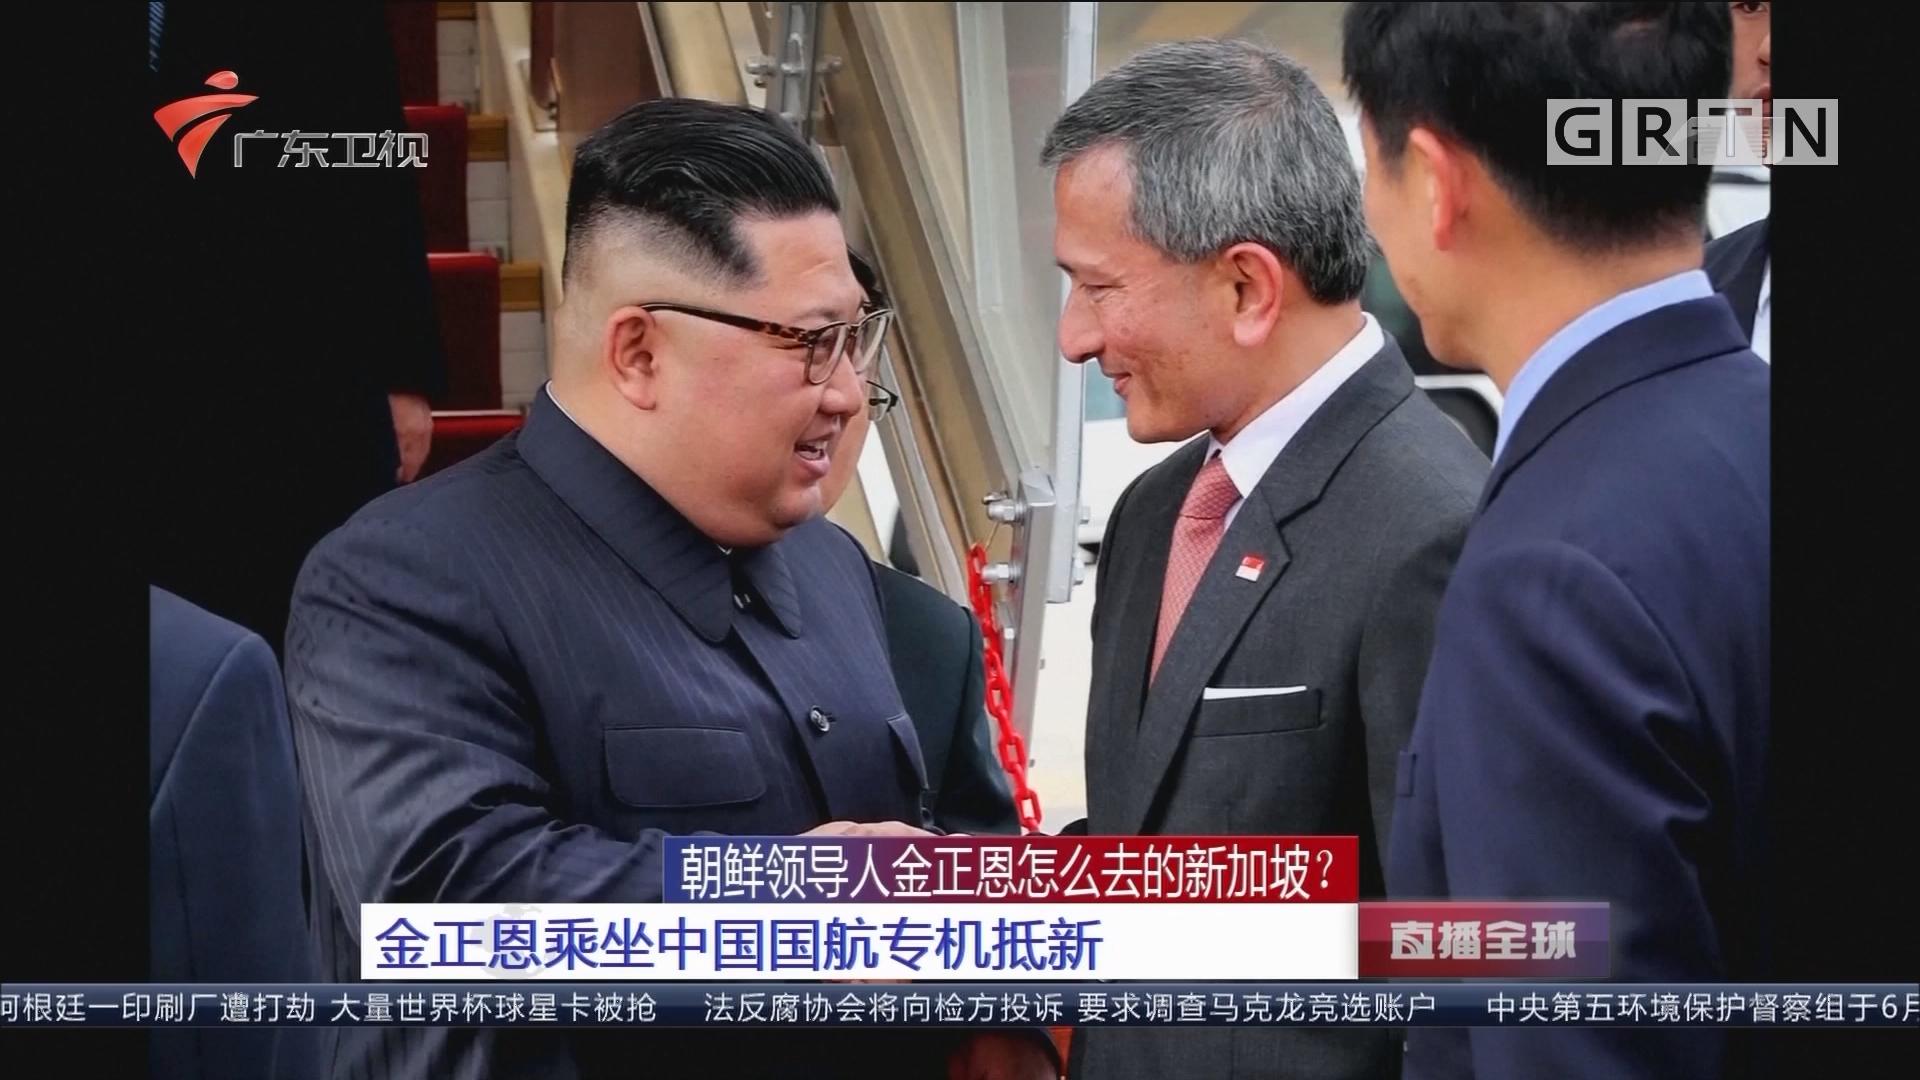 朝鲜领导人金正恩怎么去的新加坡?金正恩乘坐中国国航专机抵新